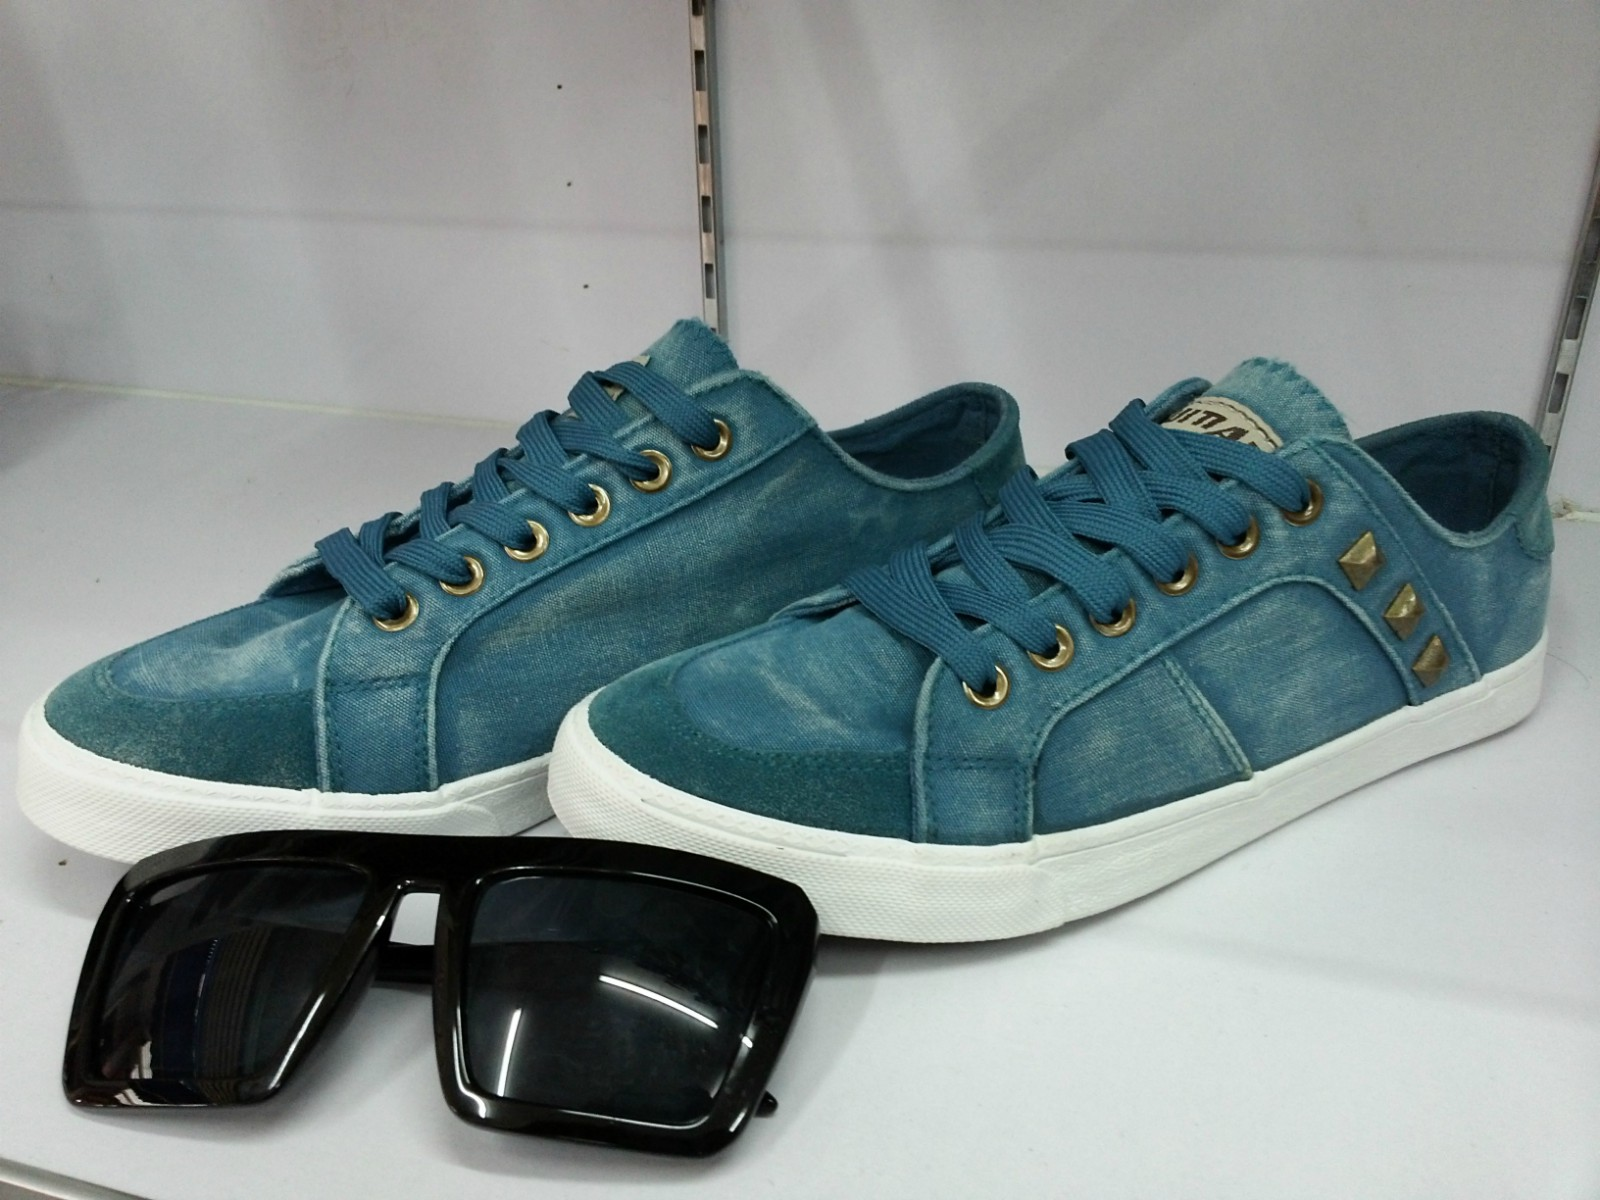 鞋$85元m字样前卫休闲鞋$:78元2013夏季时尚休闲板鞋$:65高清图片